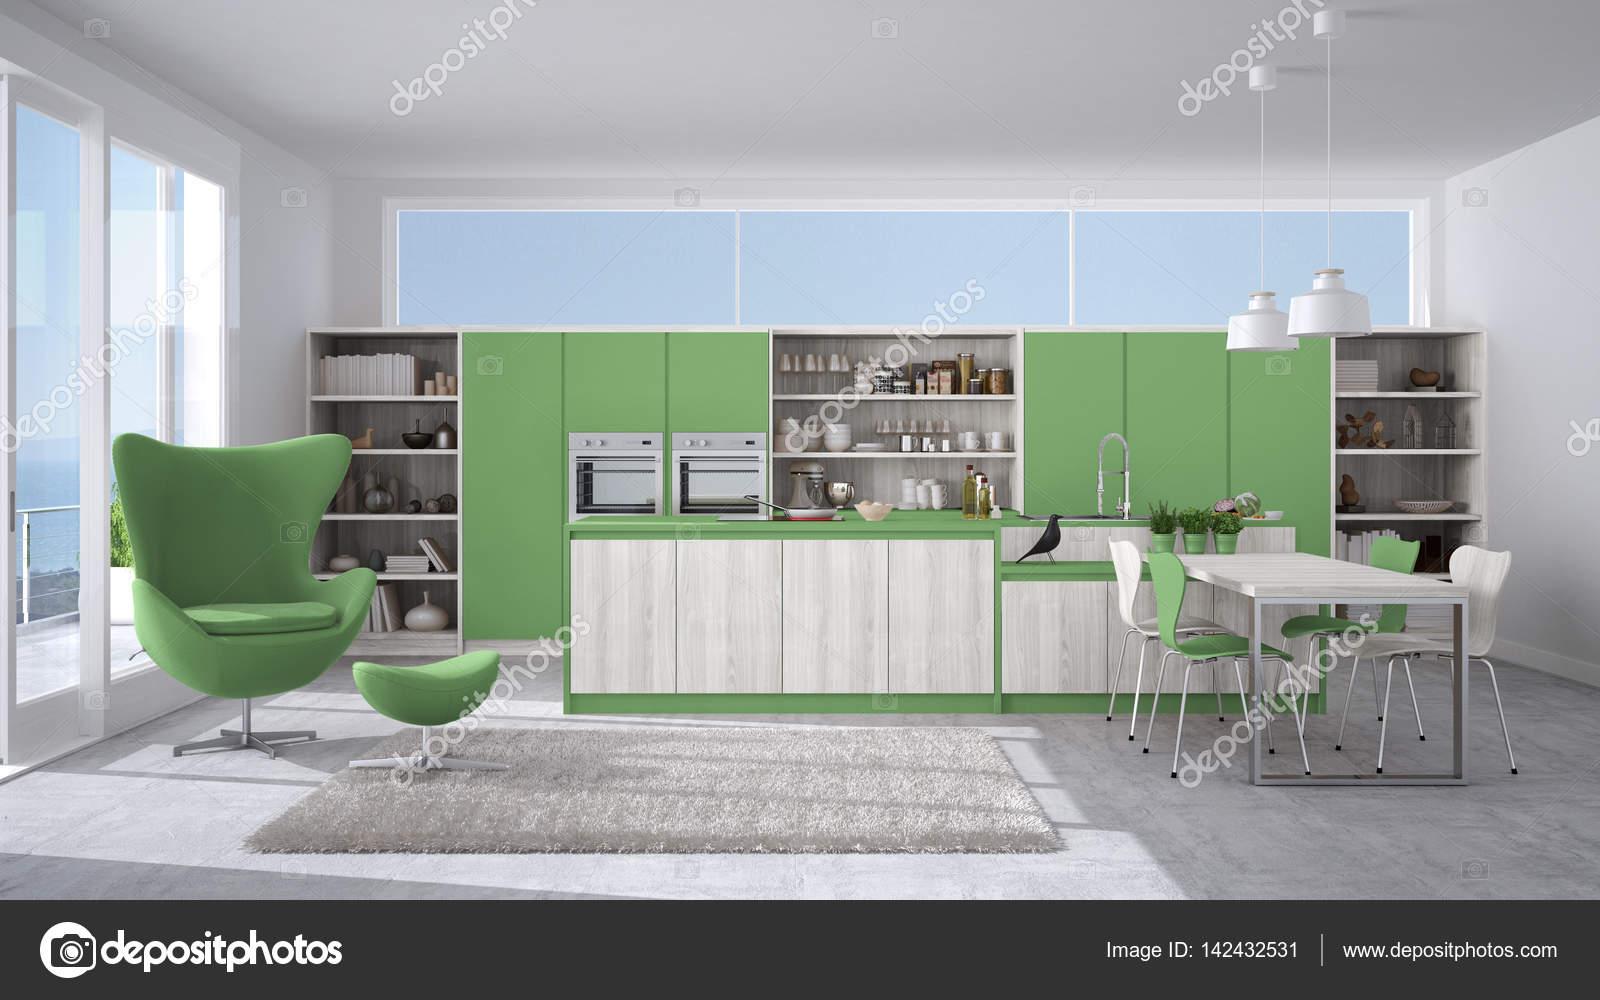 blanche et verte cuisine moderne avec des dtails en bois grande fentre avec vue mer ou lac image de archiviz